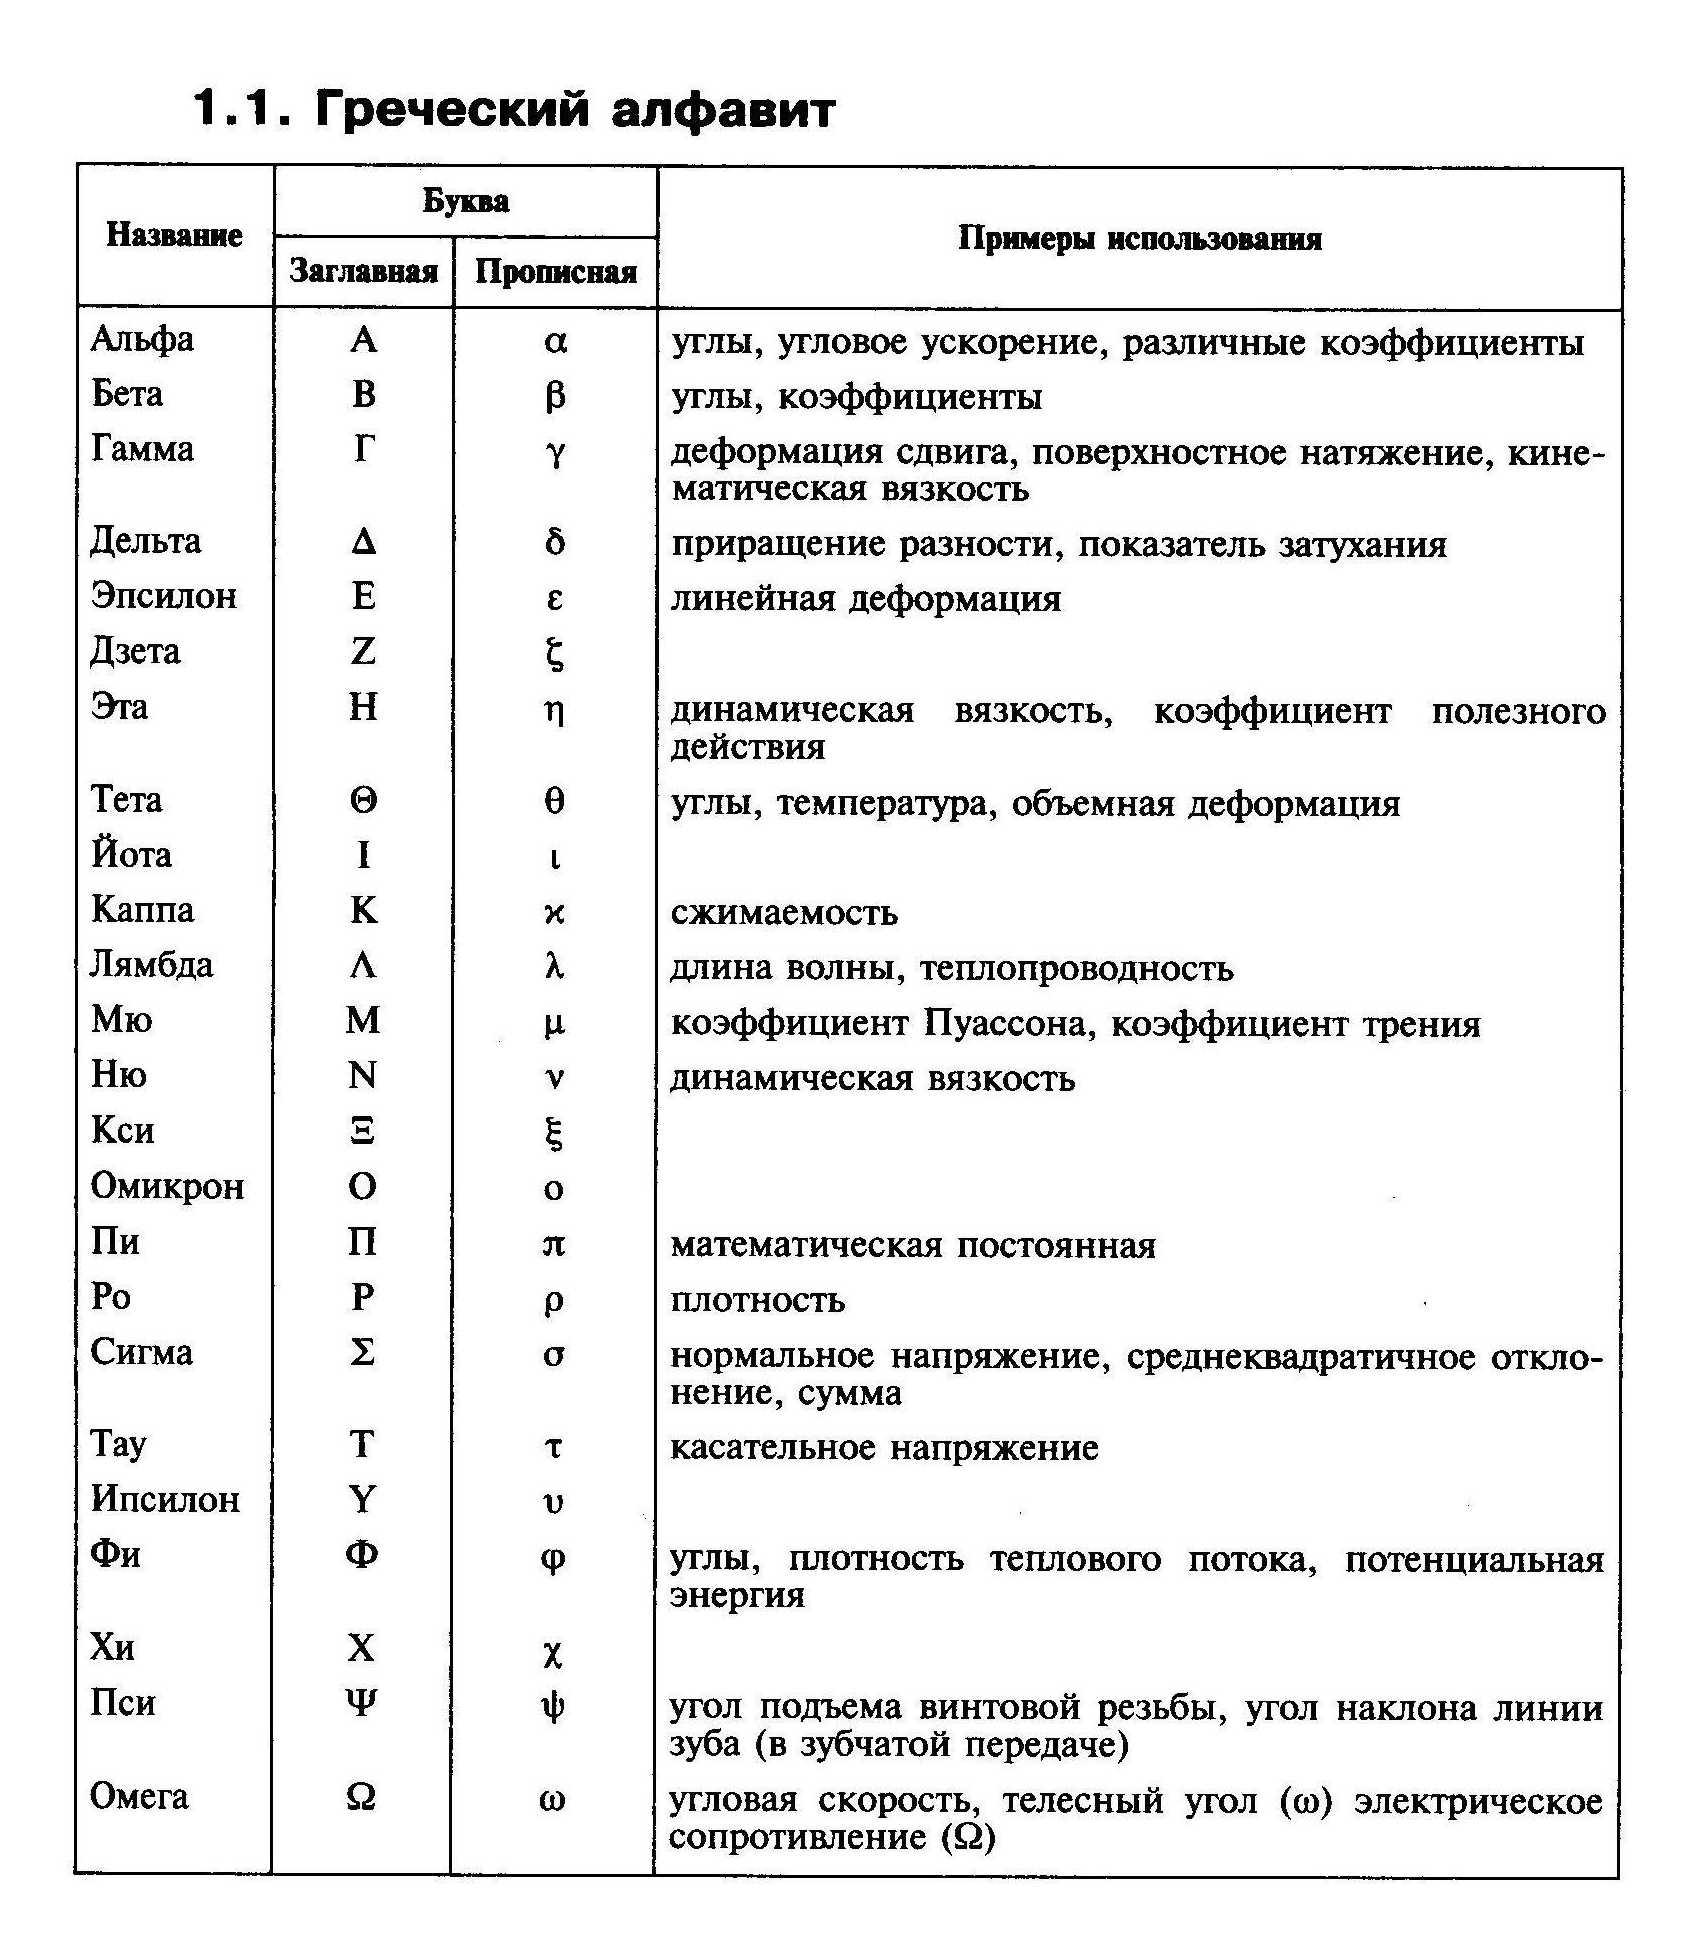 Азбука Морзе — Википедия